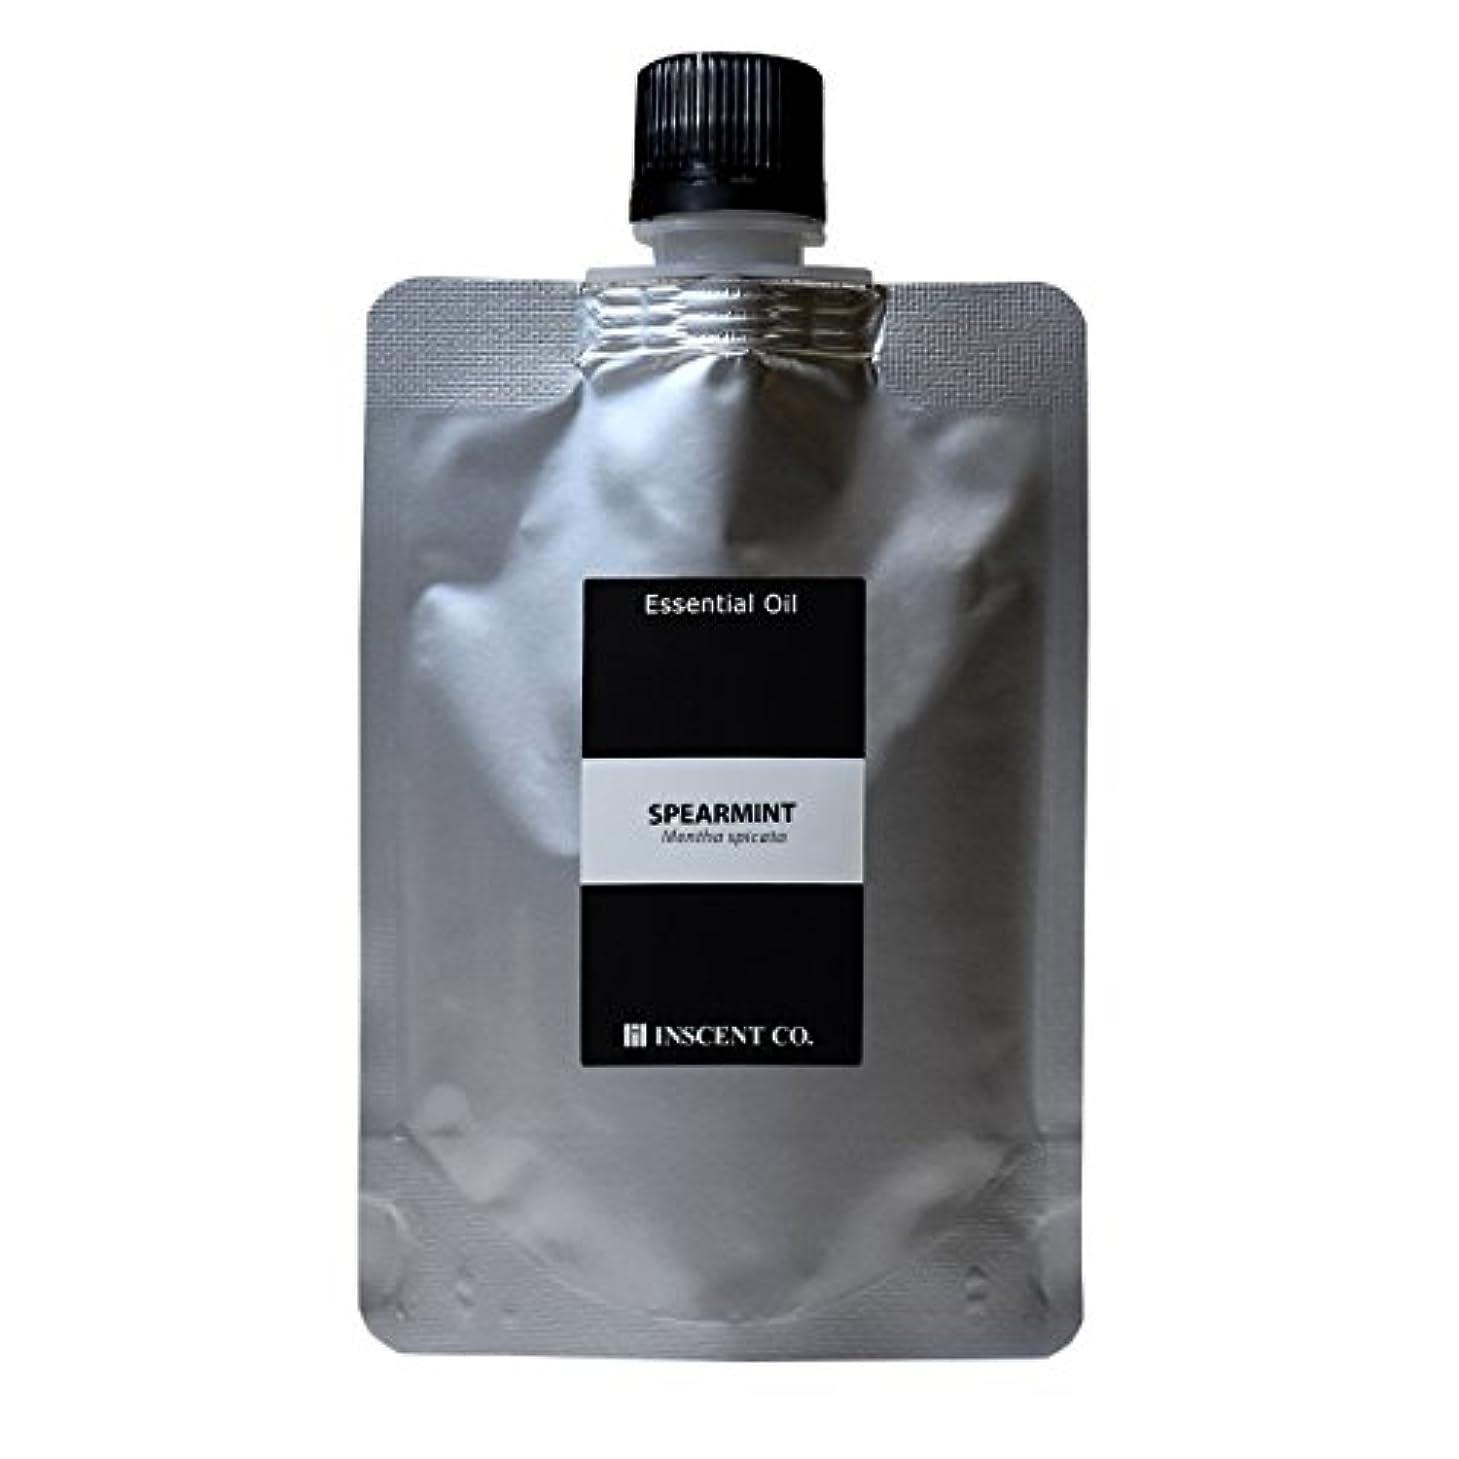 テキストガード執着(詰替用 アルミパック) スペアミント 100ml インセント アロマオイル AEAJ 表示基準適合認定精油